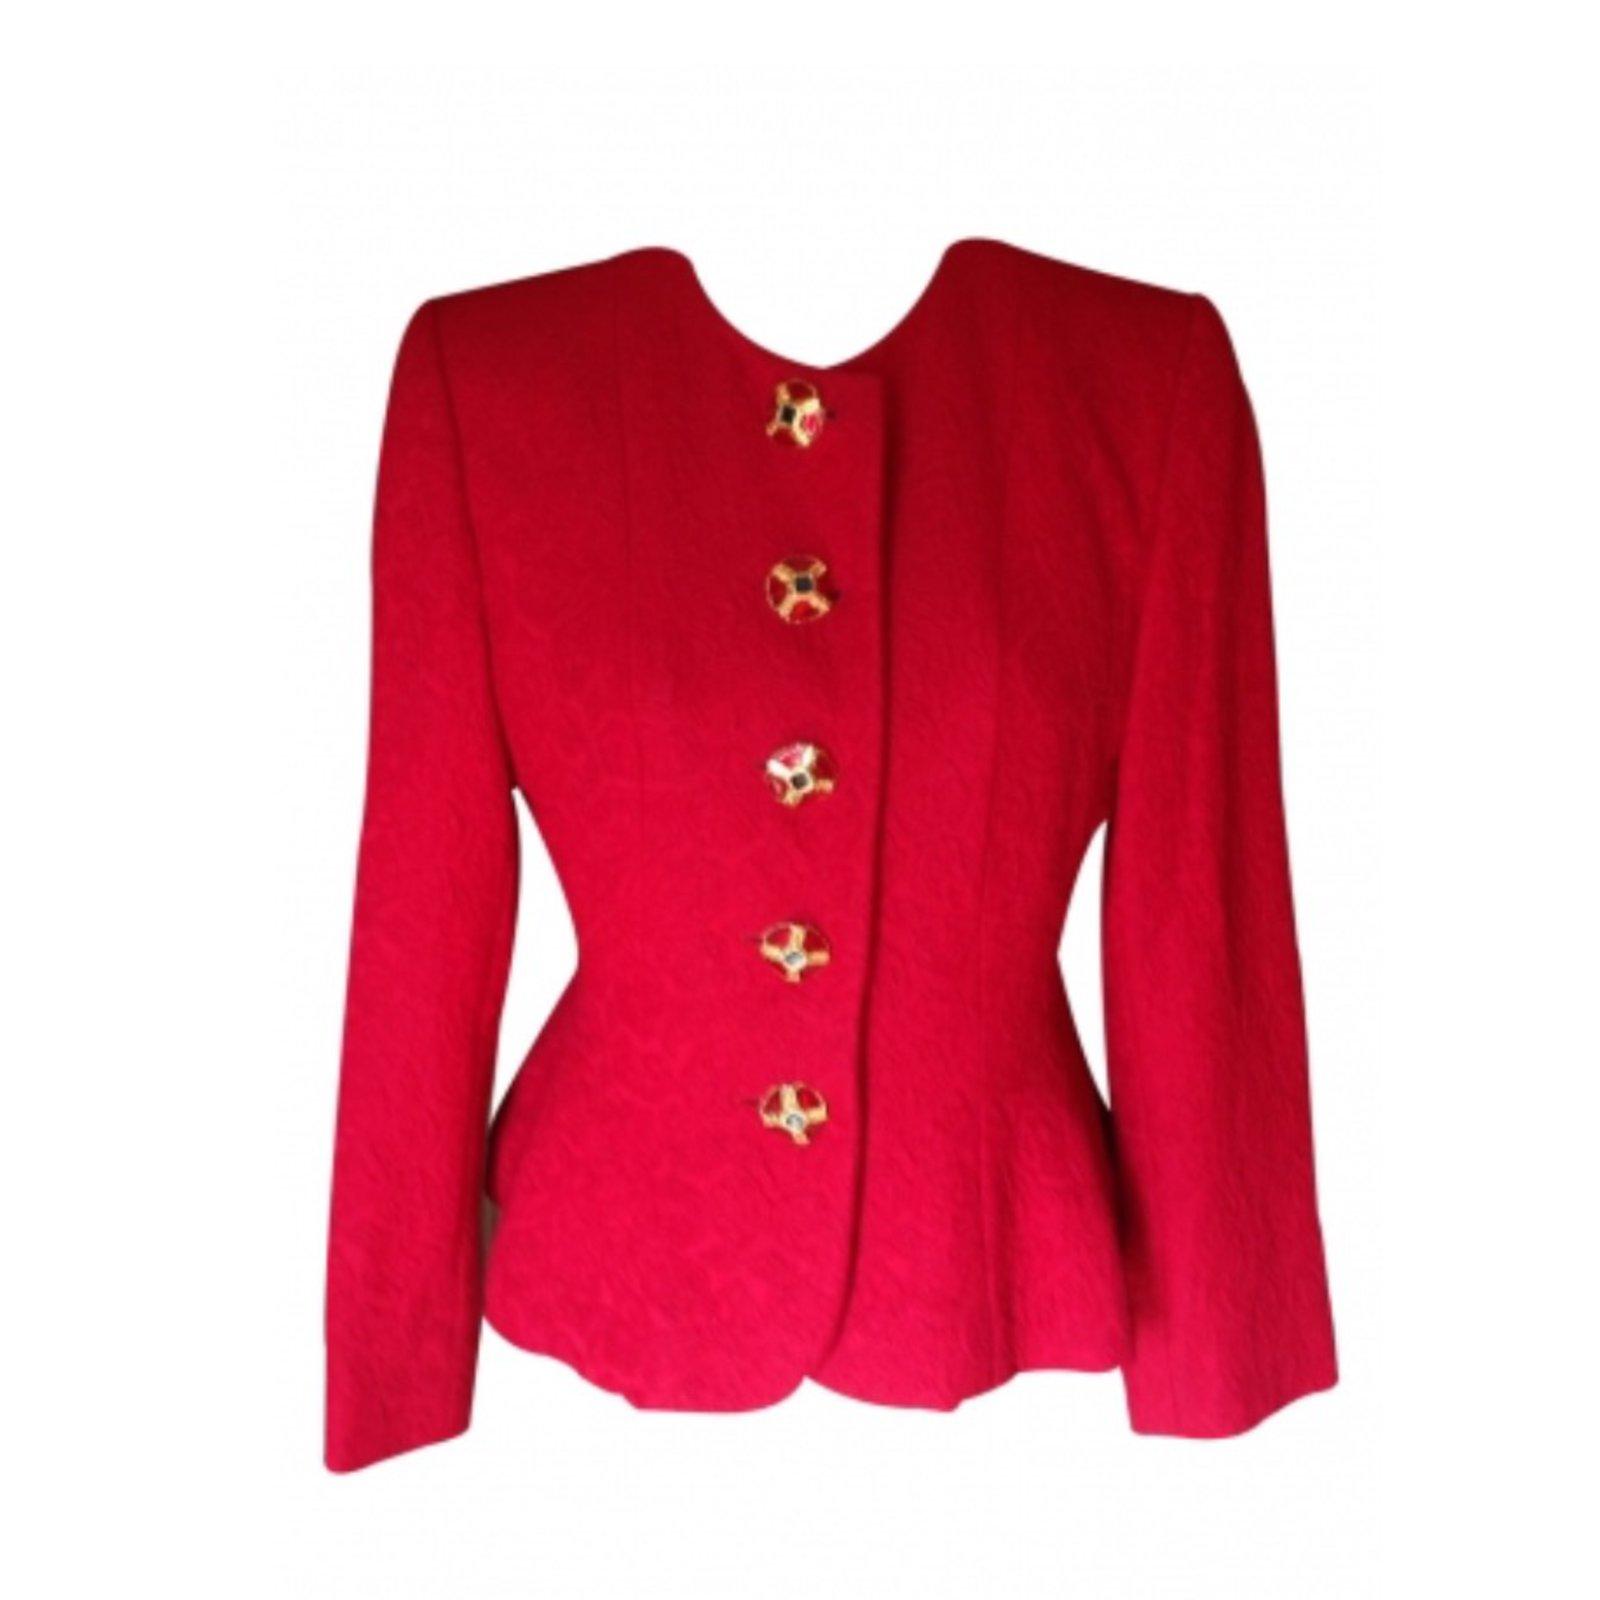 vestes yves saint laurent blazer rouge intense chyc laine rouge joli closet. Black Bedroom Furniture Sets. Home Design Ideas